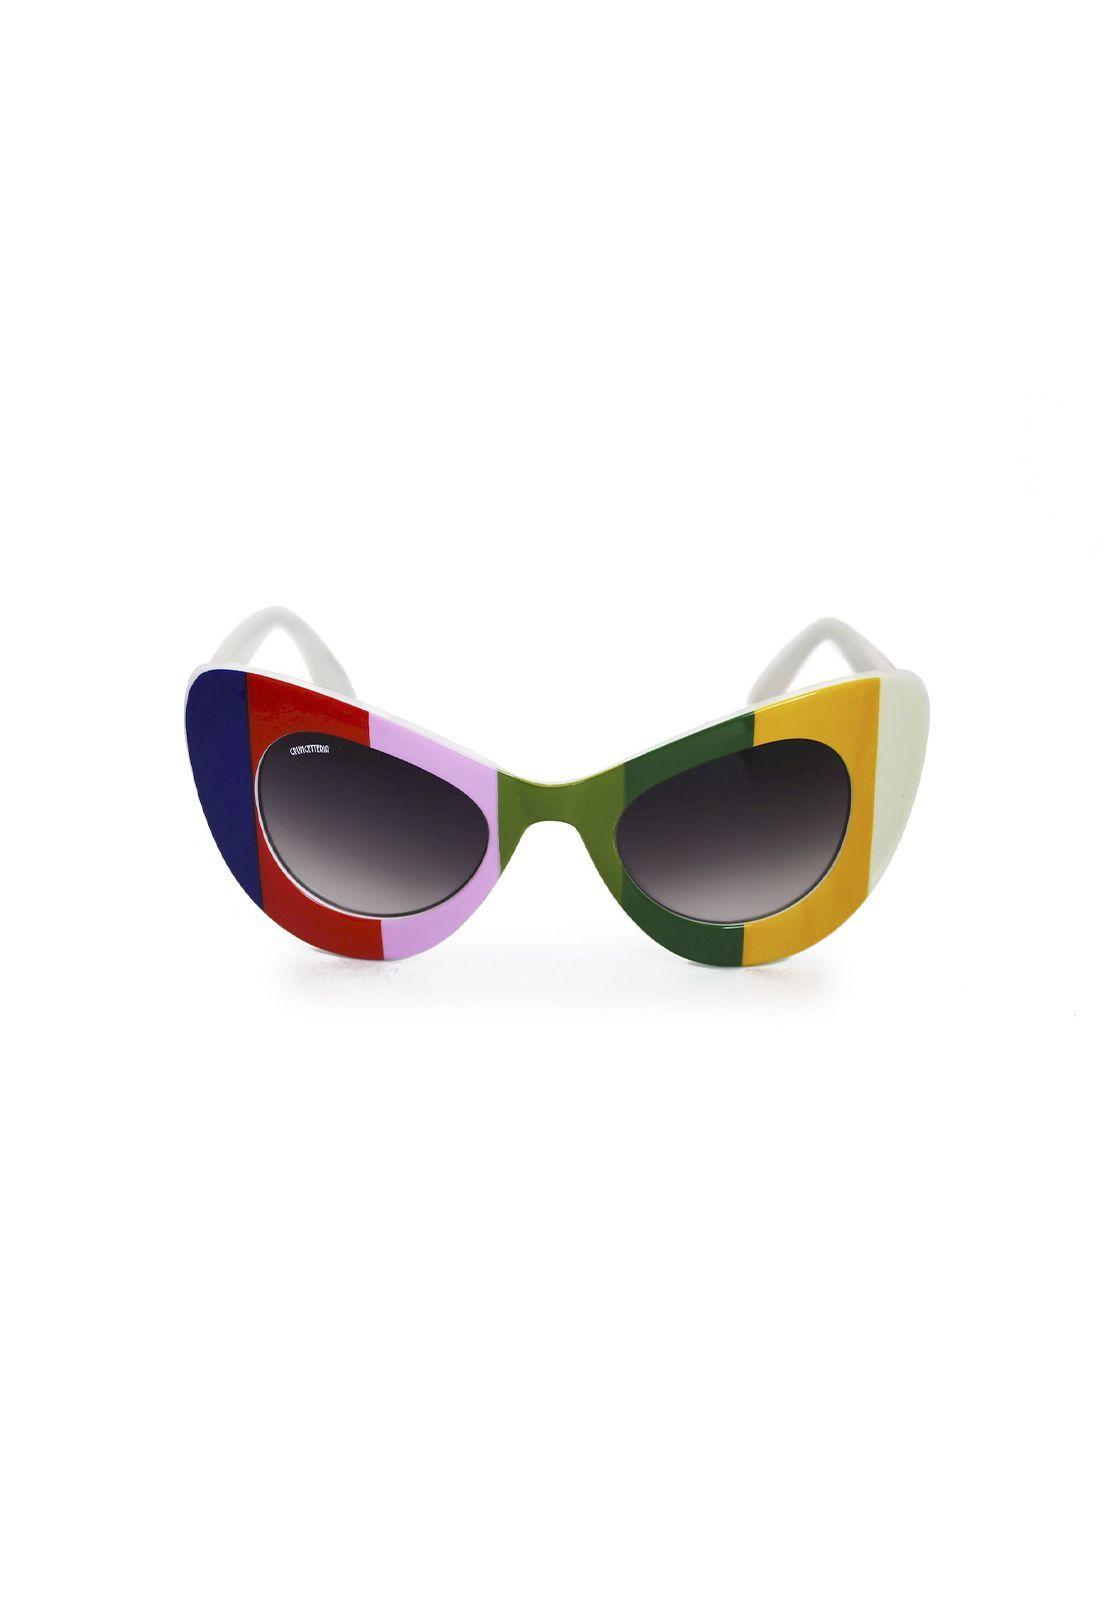 Óculos de Sol Grungetteria Lola Listrado